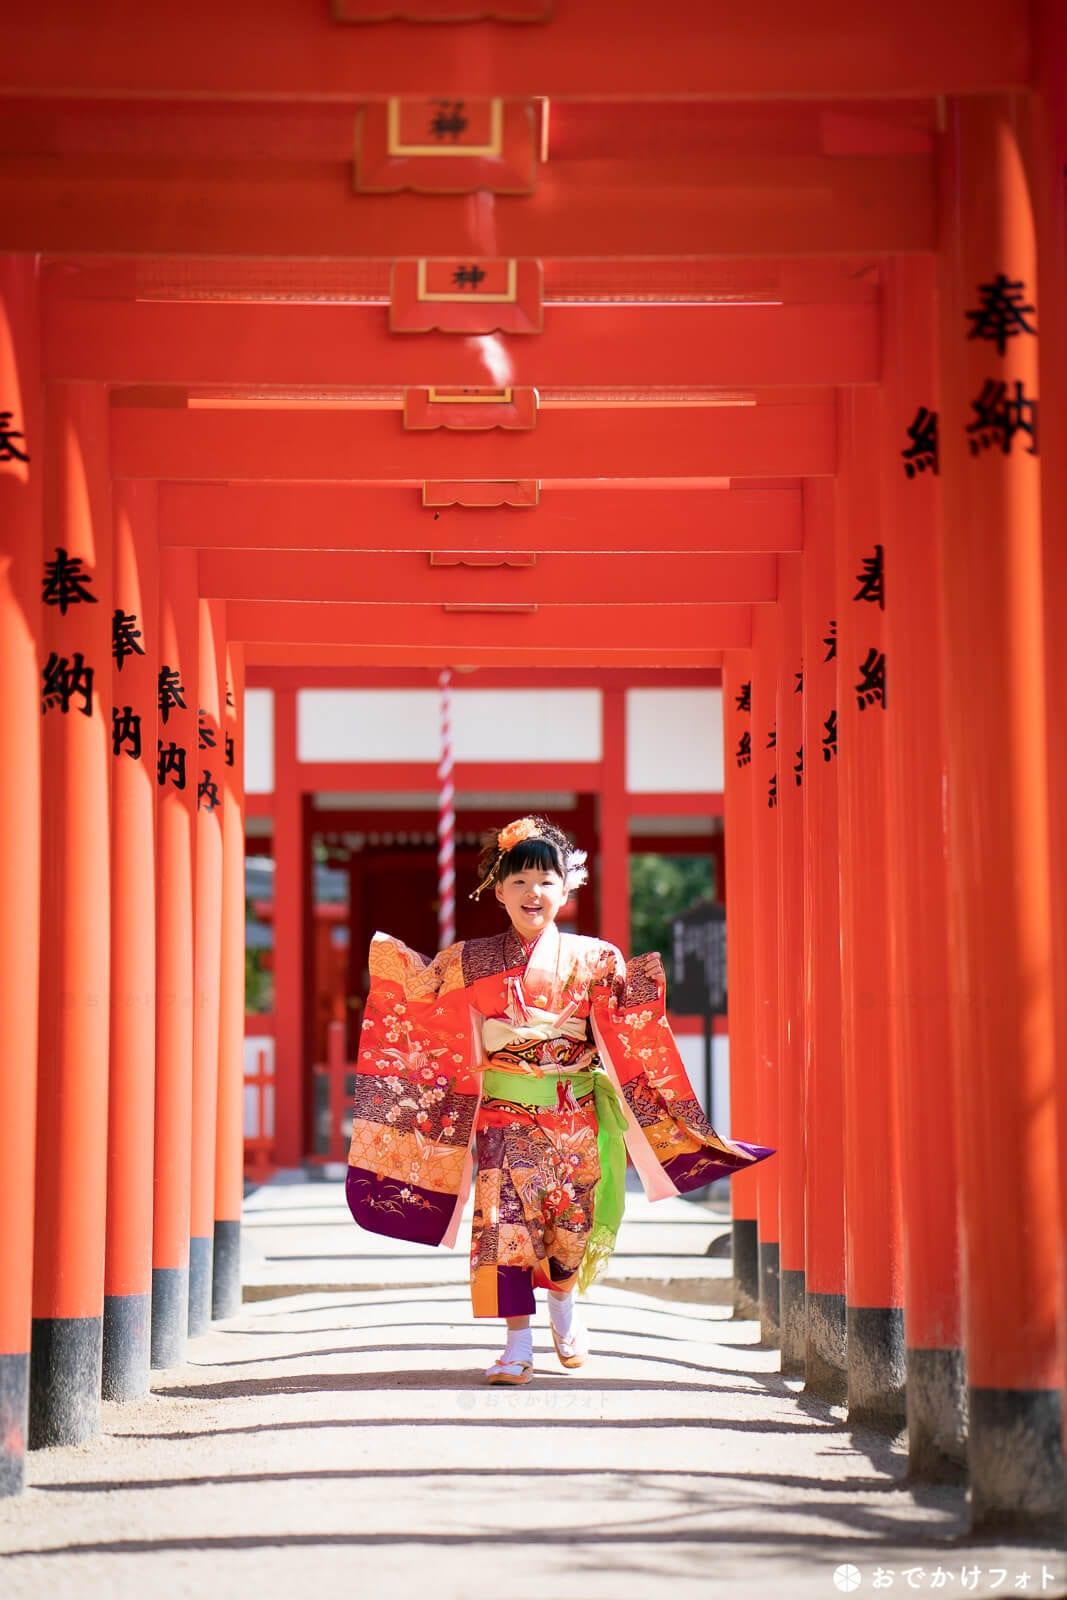 住吉神社 稲荷神社の赤い鳥居